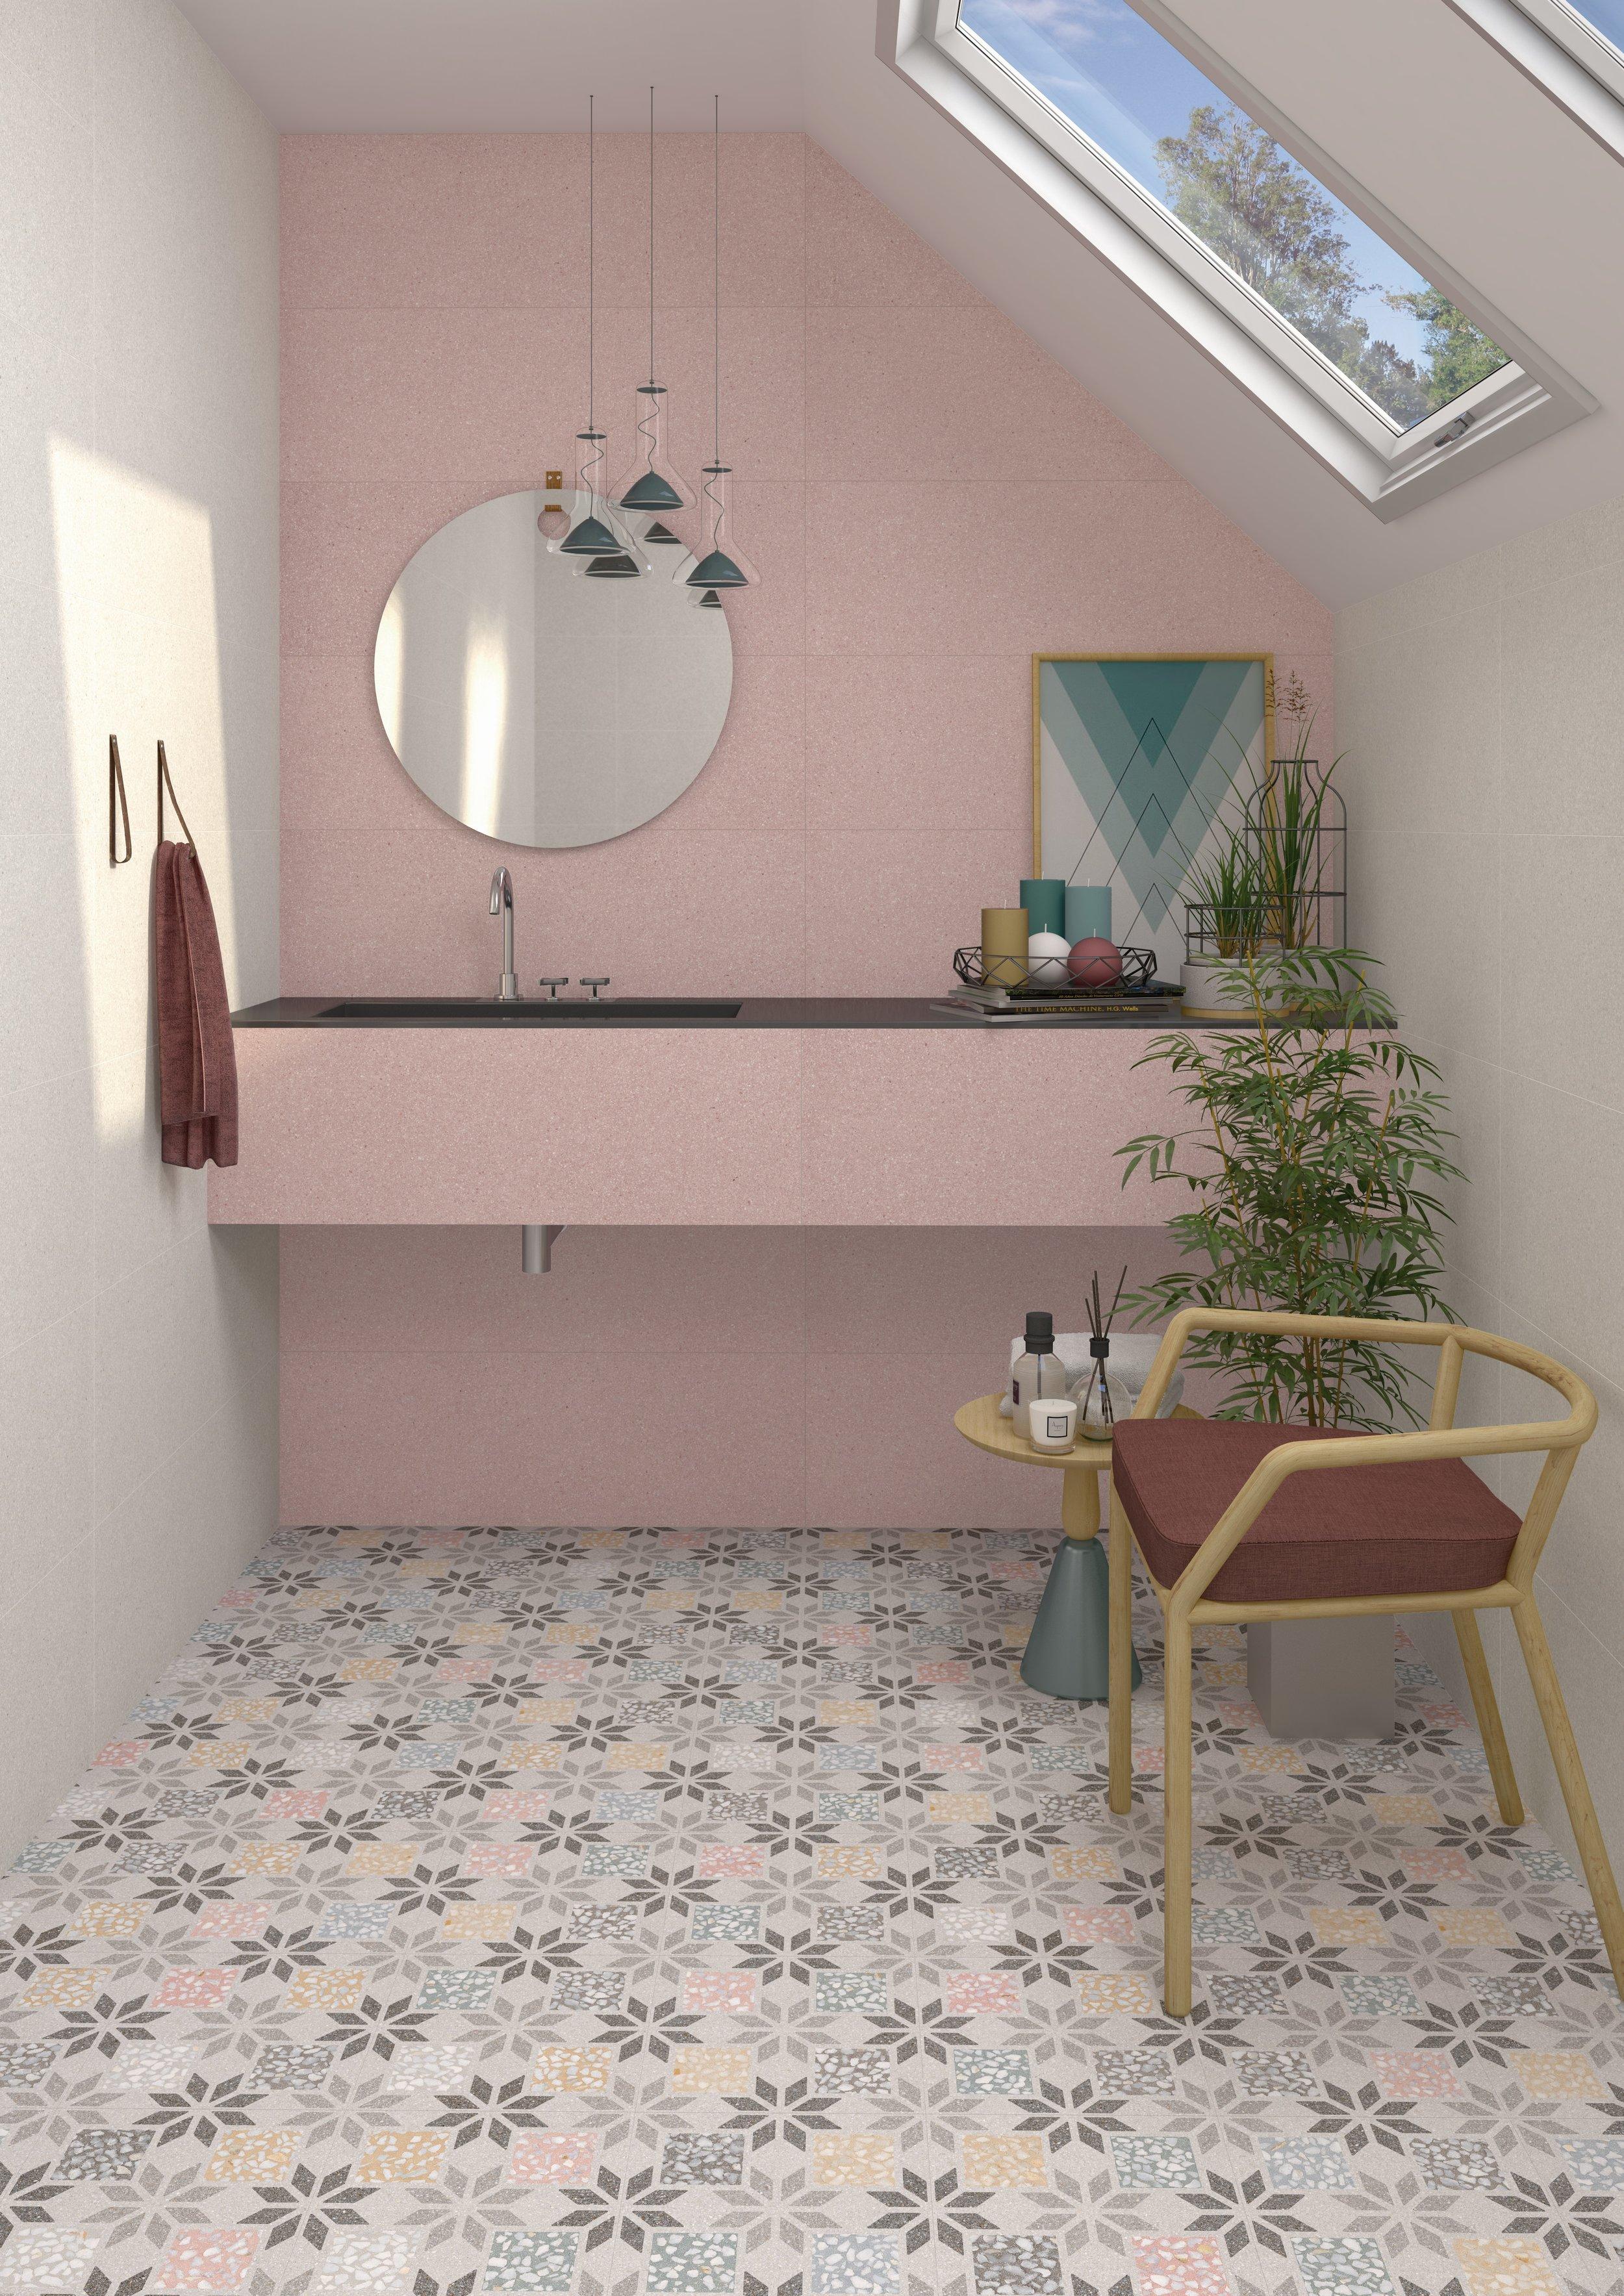 Floor : Vives 30x30 Apulia R Multicolor  Wall : Vives 99x32 cies R Rosa